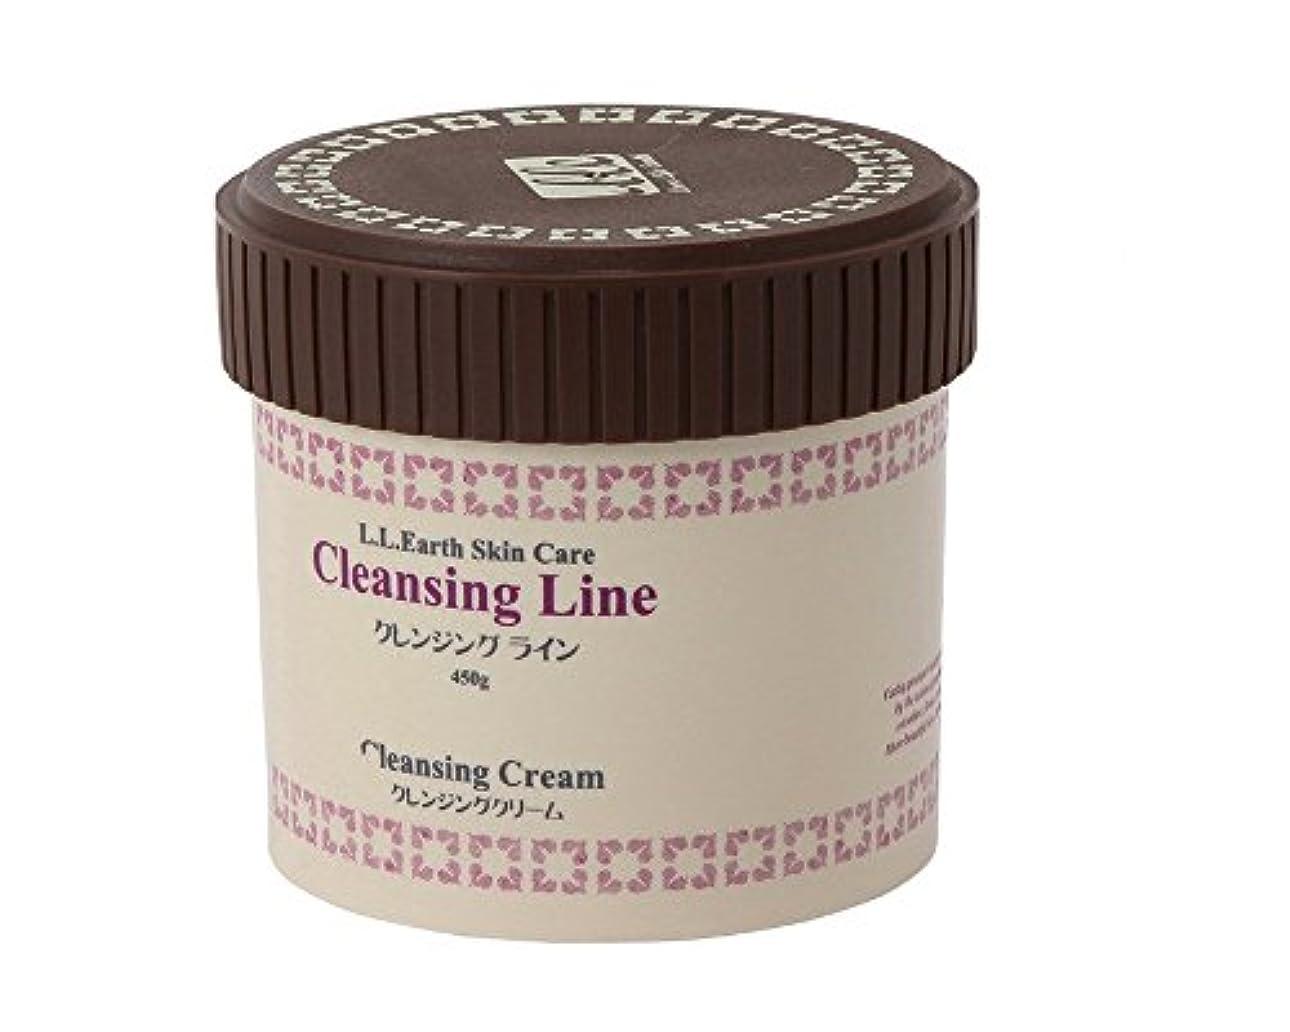 ブリード時々コントラストLLE 業務用 クレンジングクリーム 450g ( メイク落とし 拭き取り?洗い流し両用 ) C